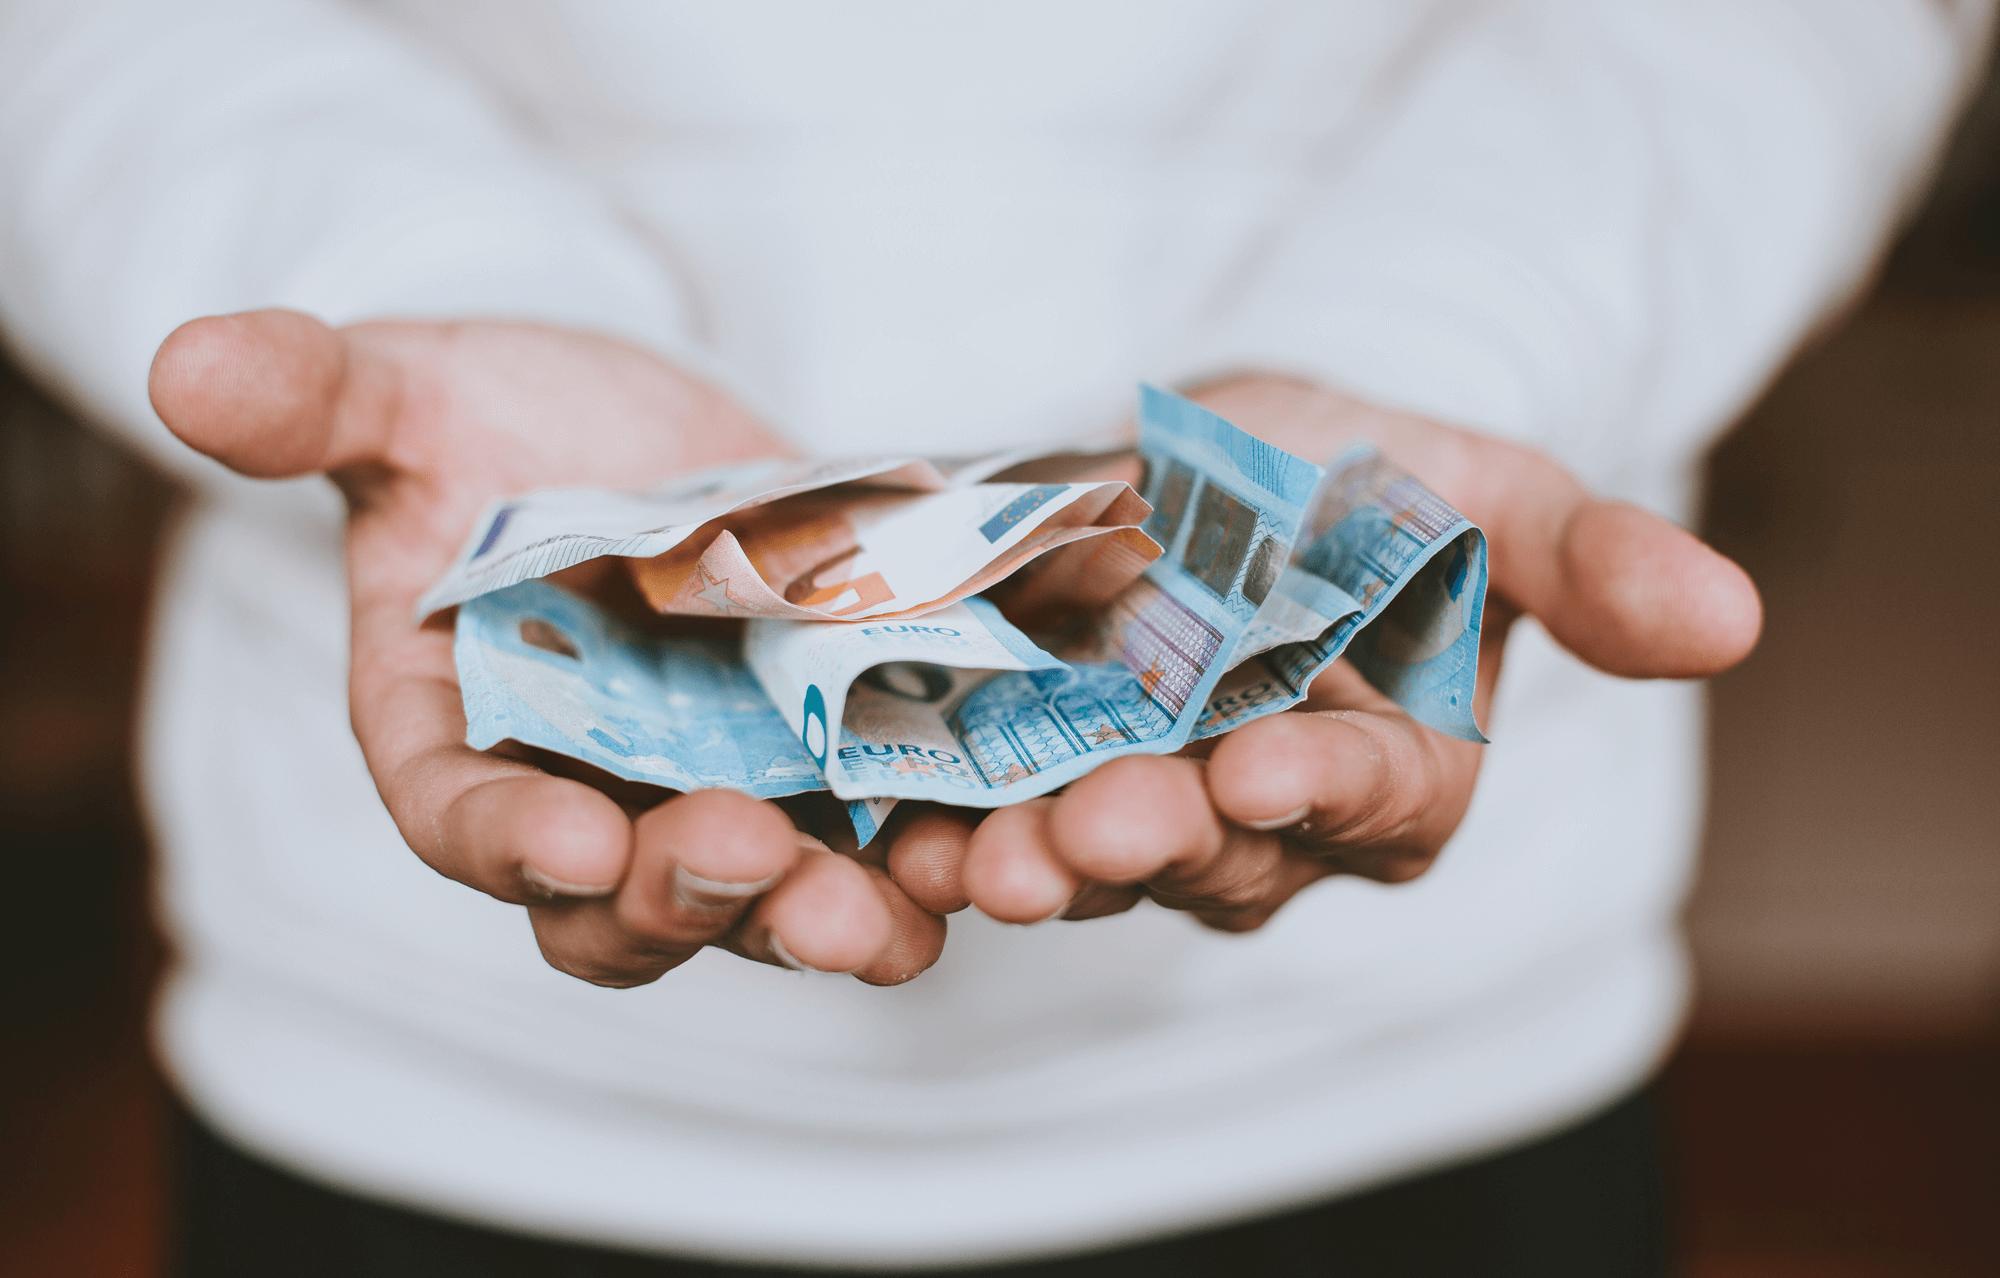 Financieel perspectief   Winstgevende omzetgroei   Productiviteit